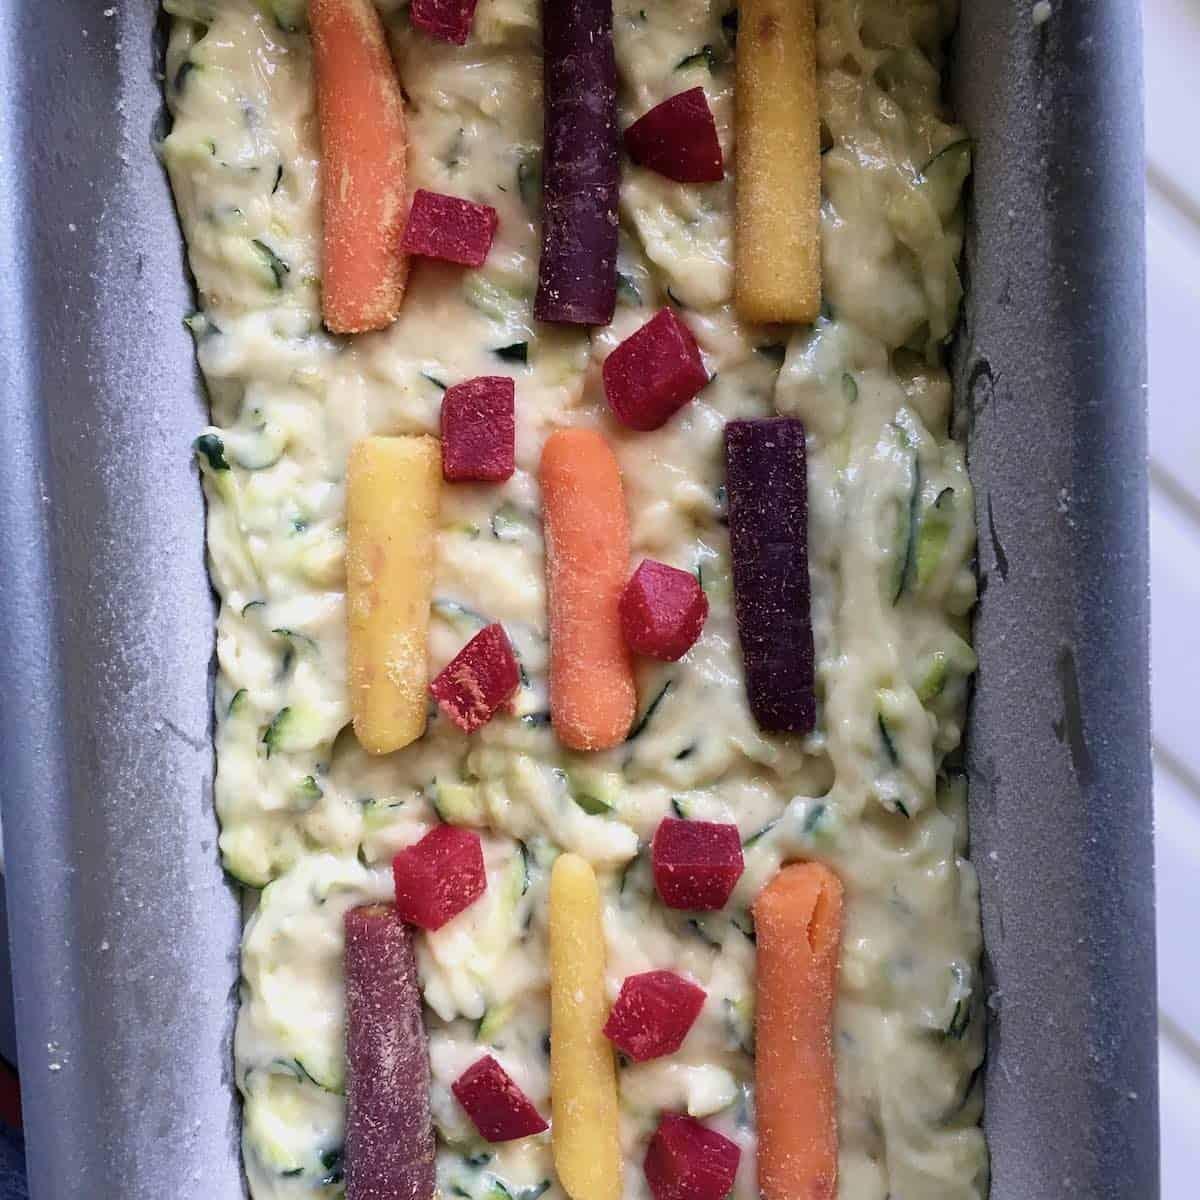 batter in pan for funfetti zucchini bread